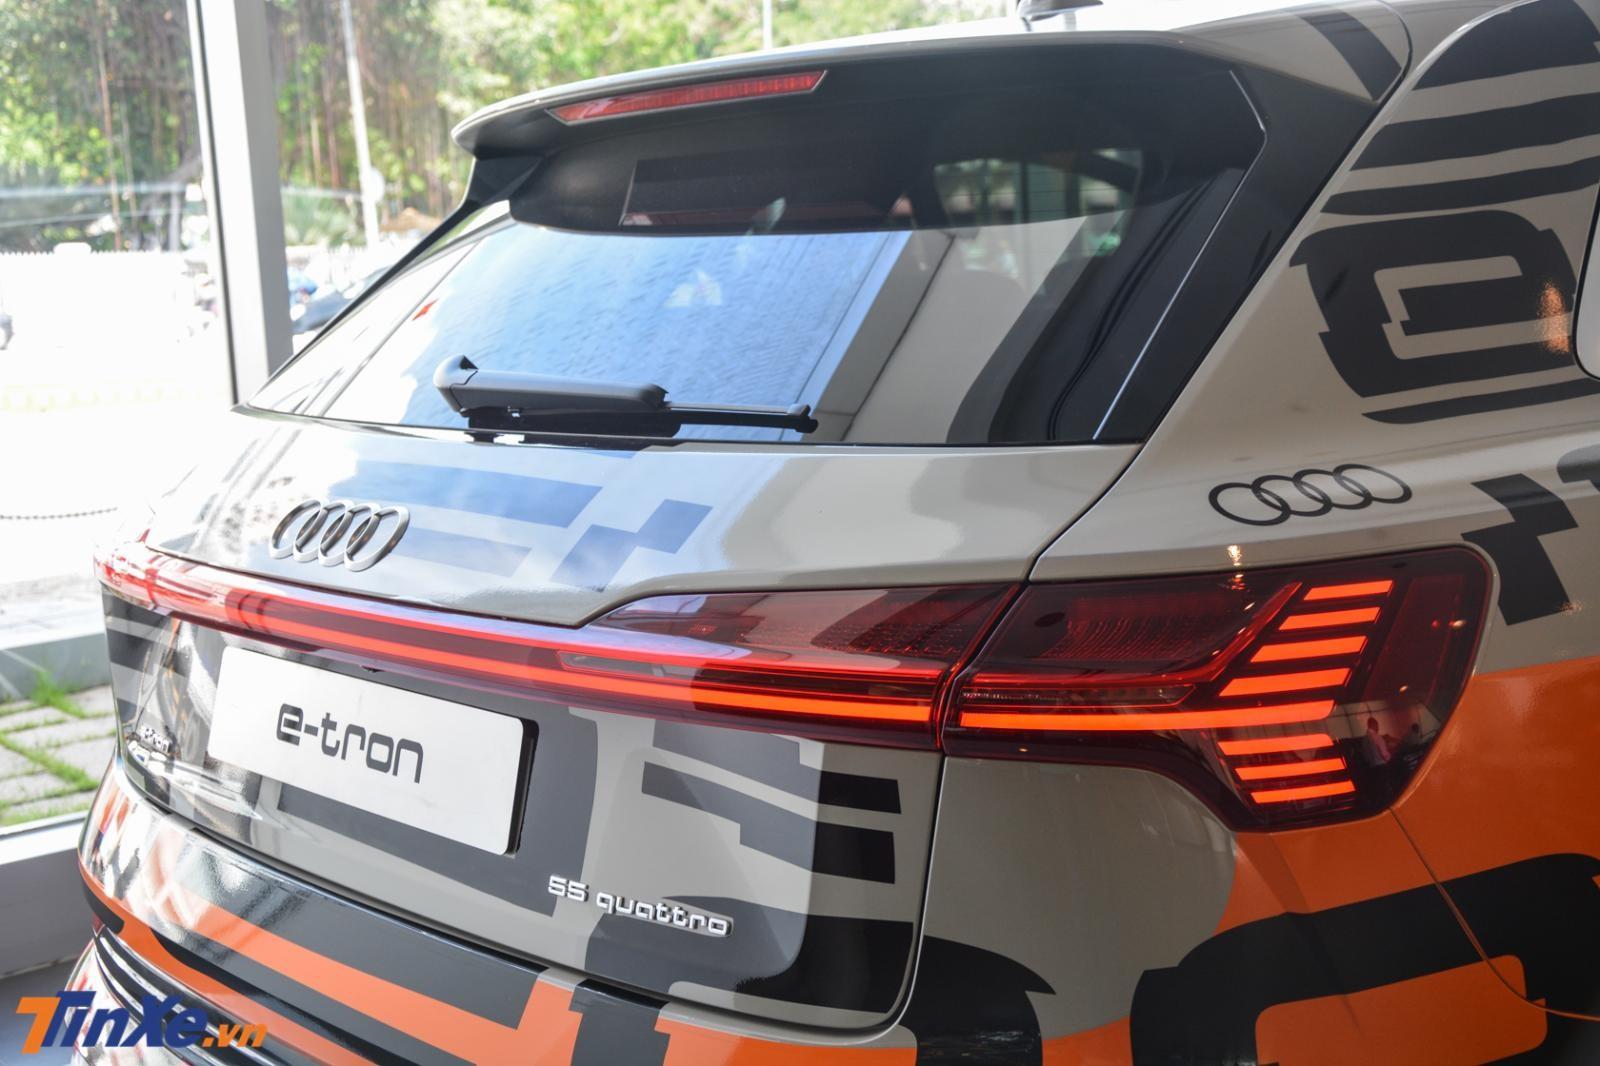 Đèn hậu LED đẹp mắt của Audi e-tron